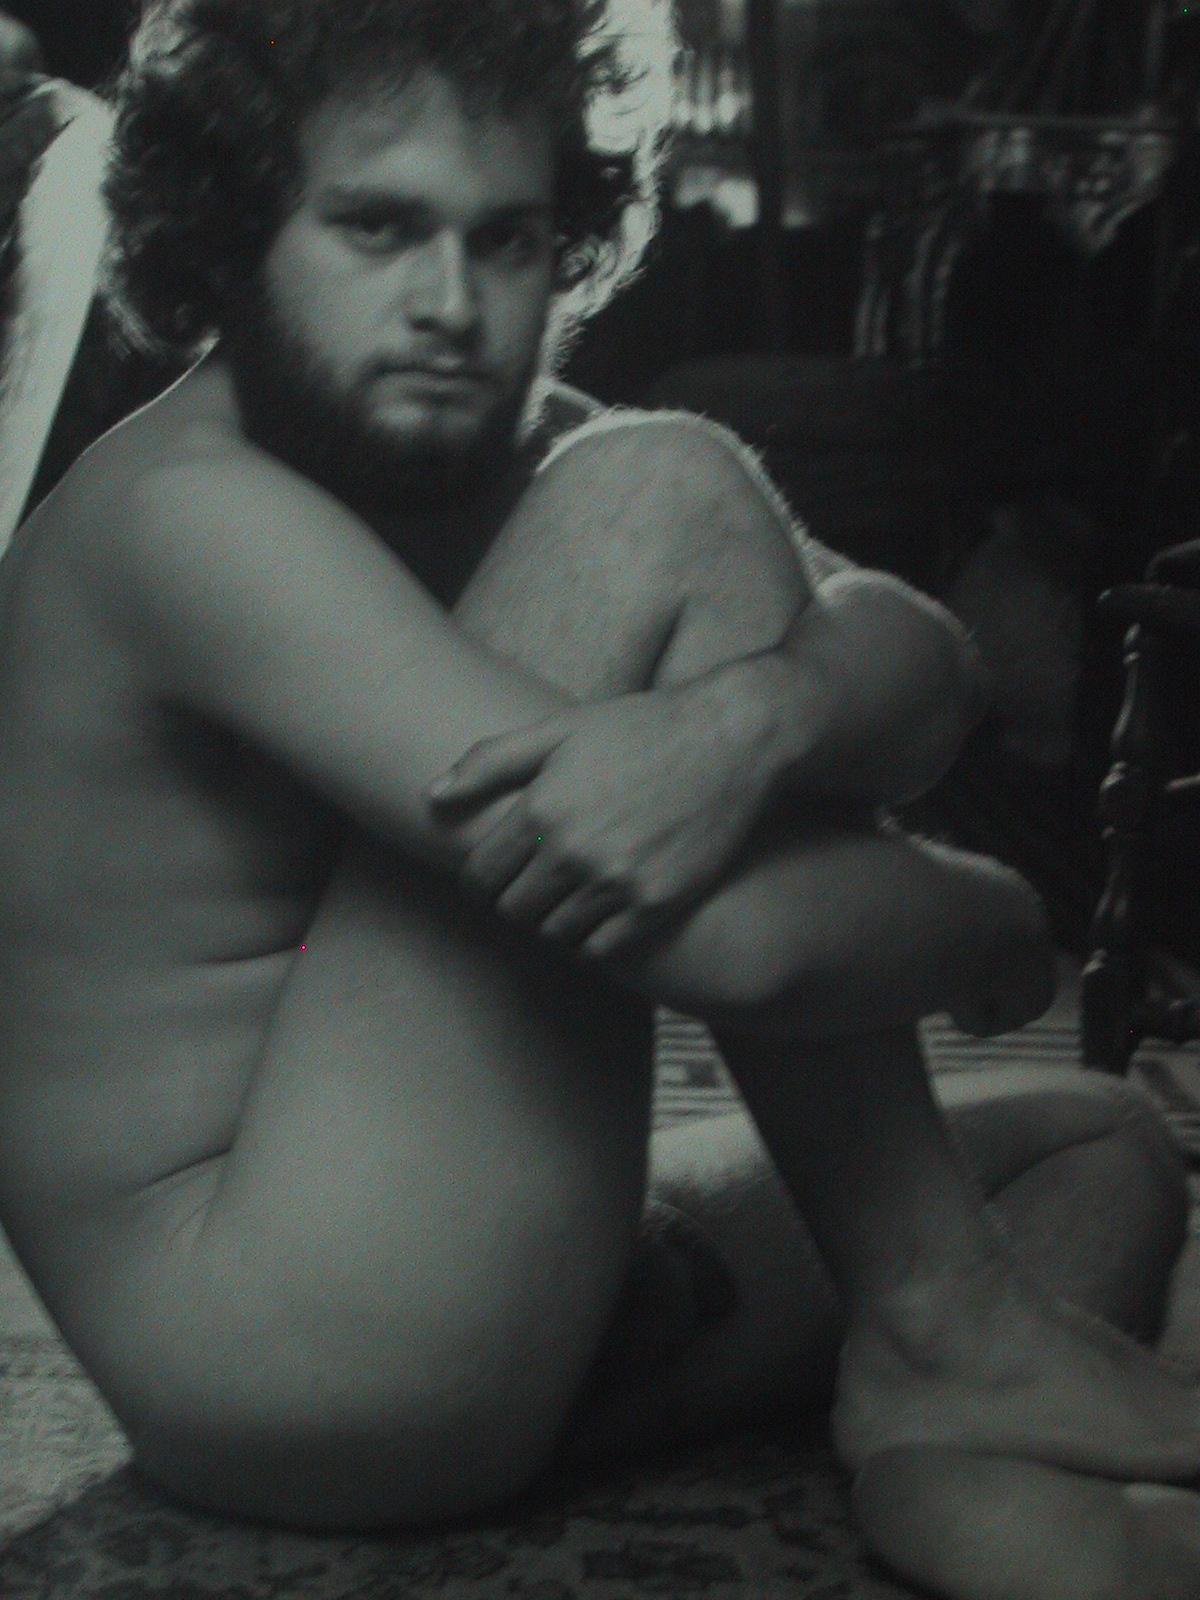 Nude Image Upload 121